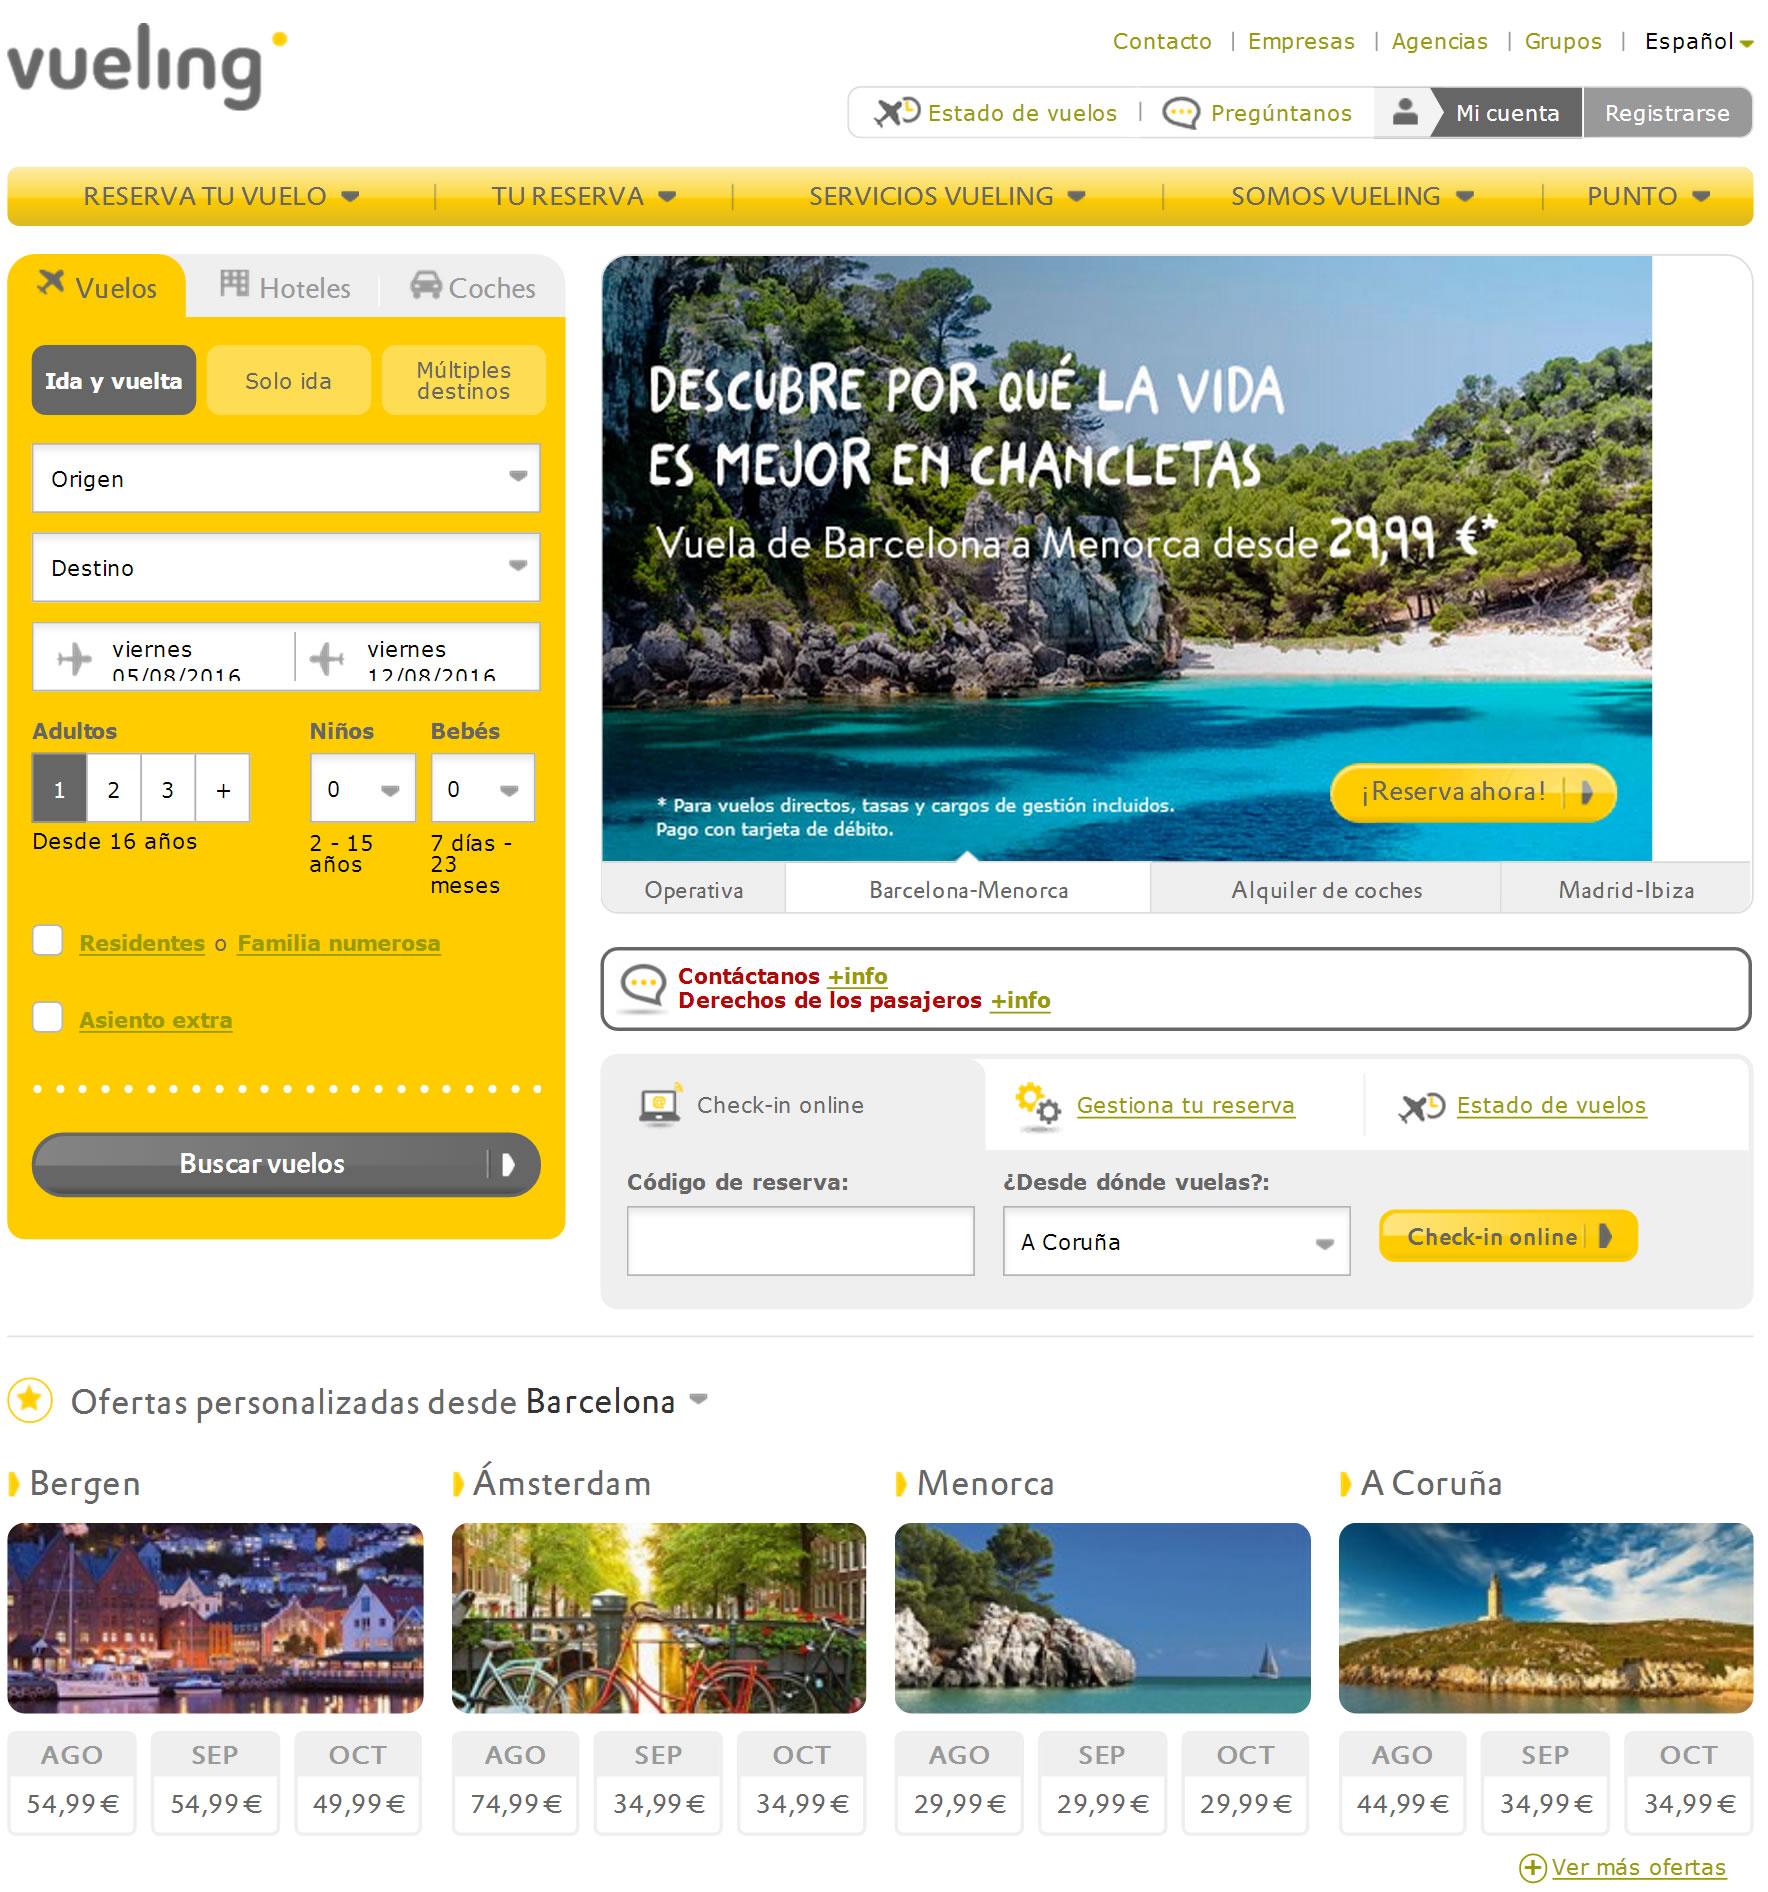 西班牙伏林航空公司:Vueling